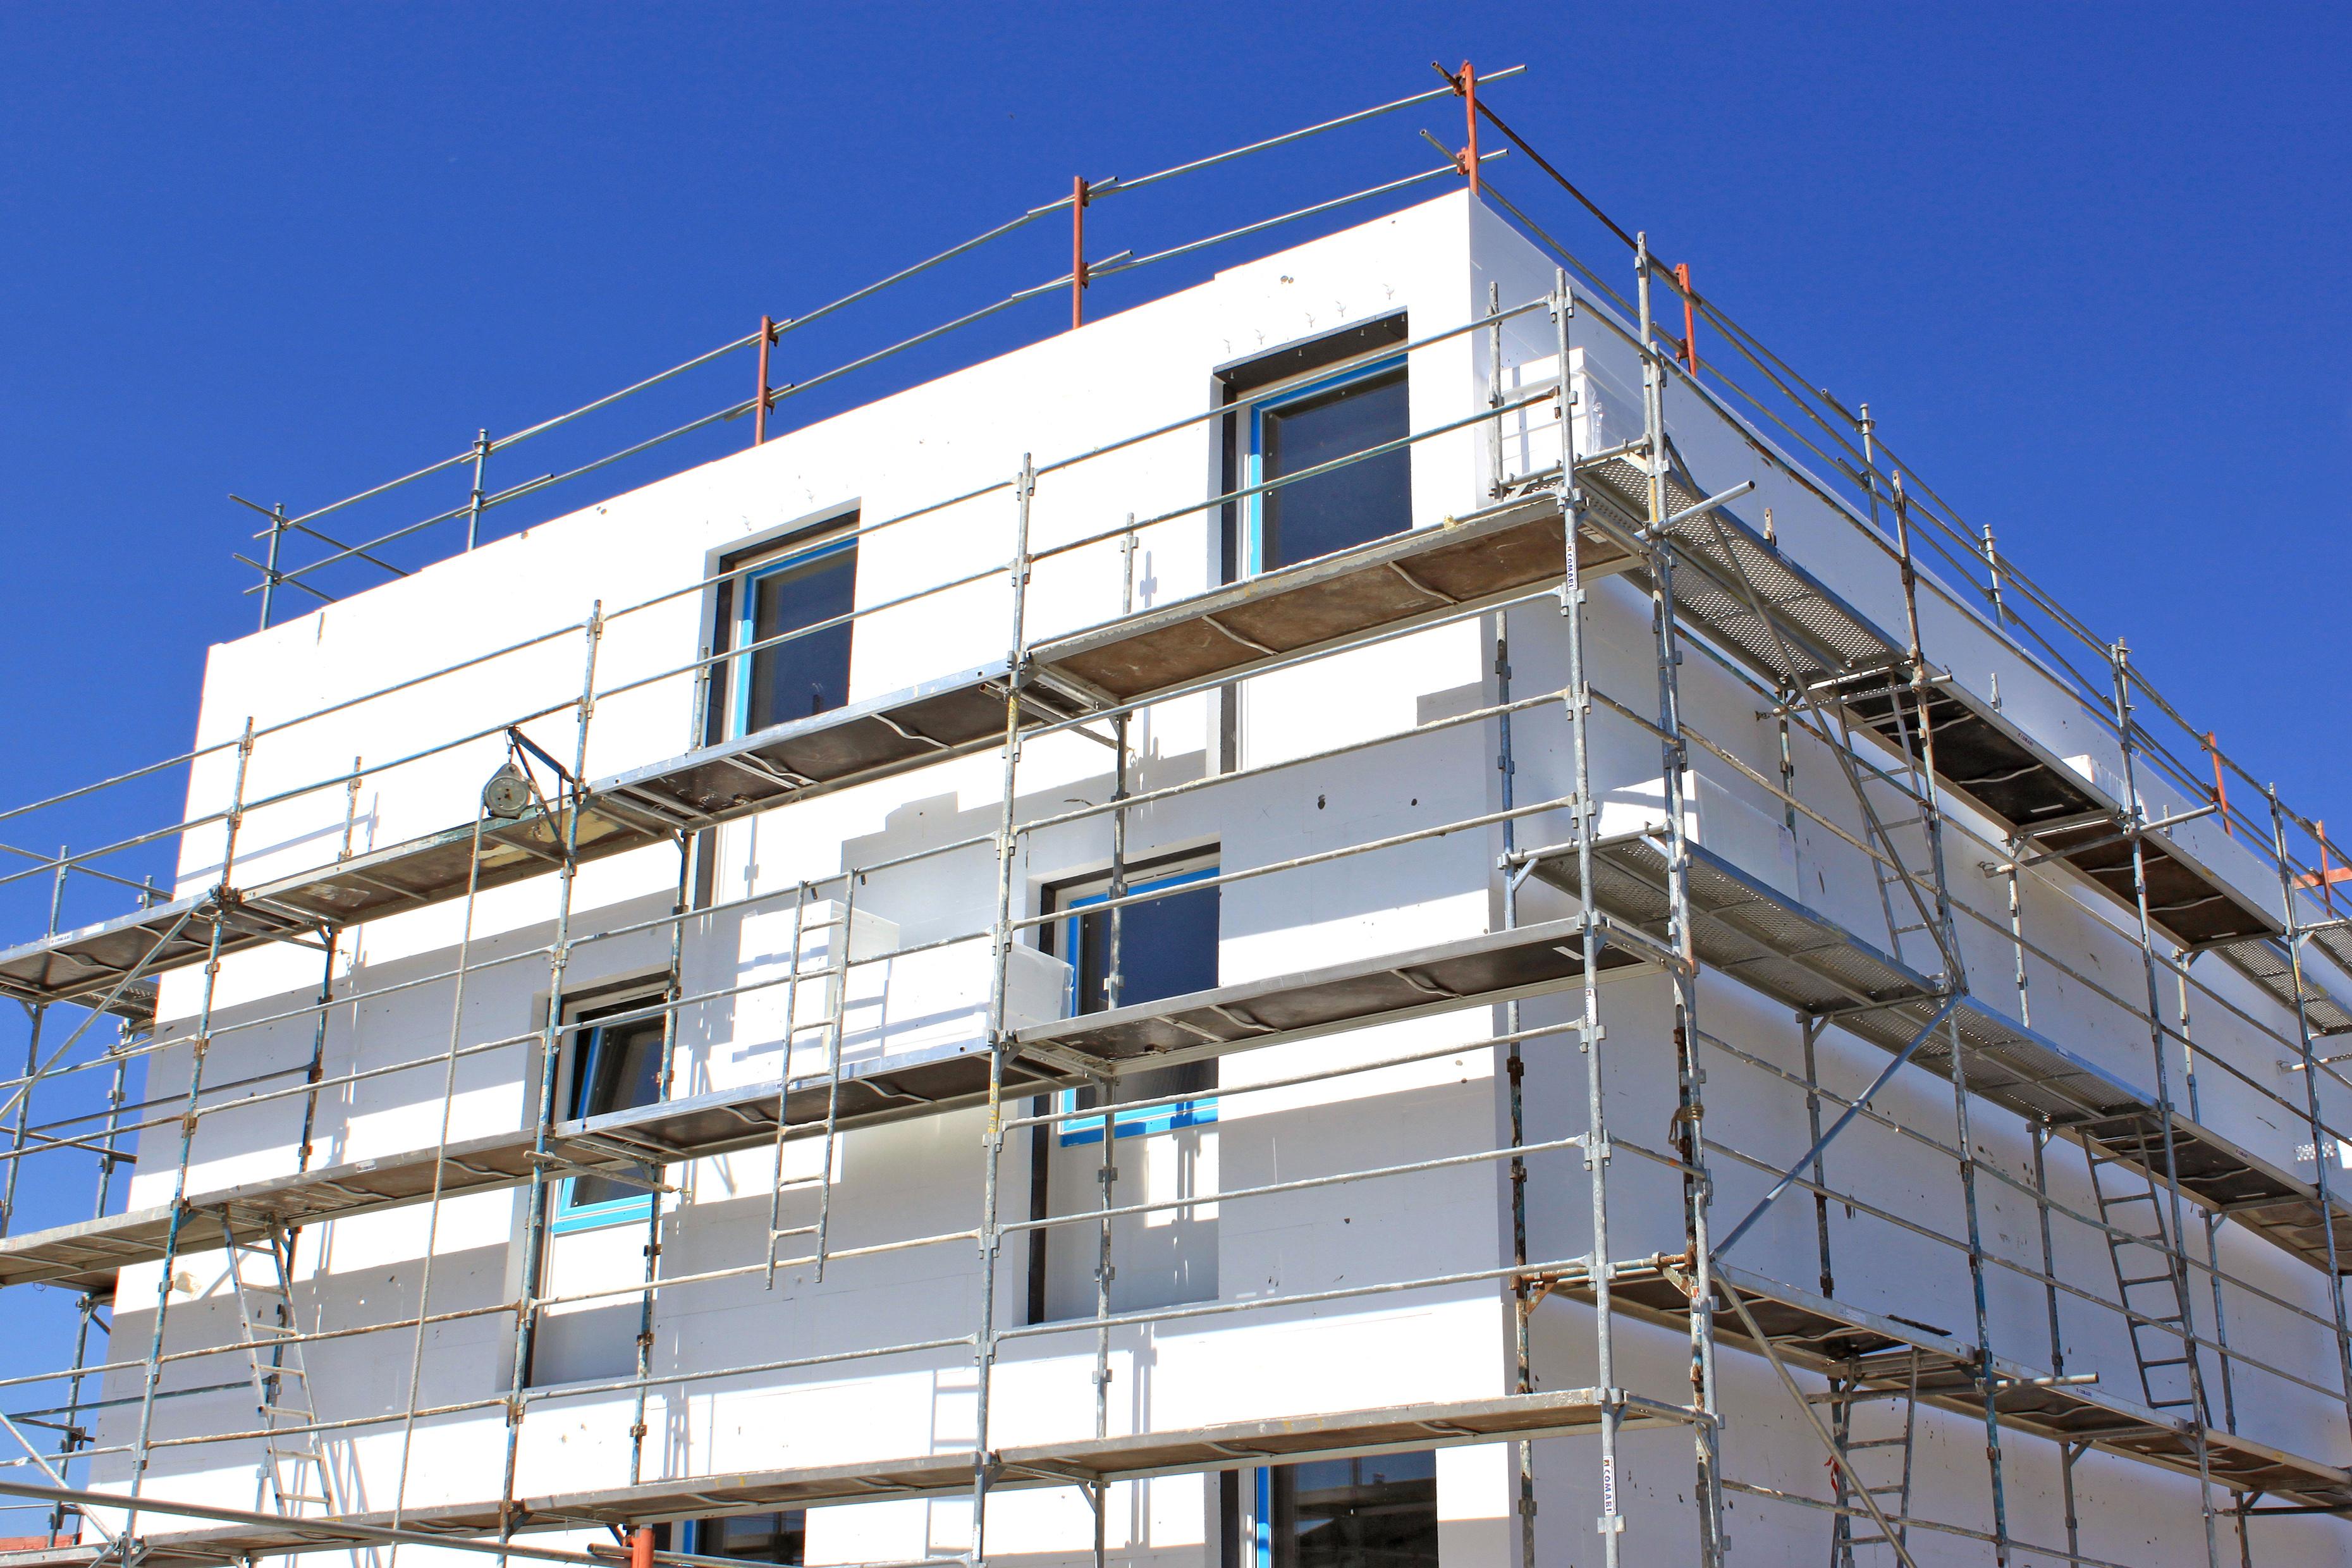 résidence immobilière neuve en construction